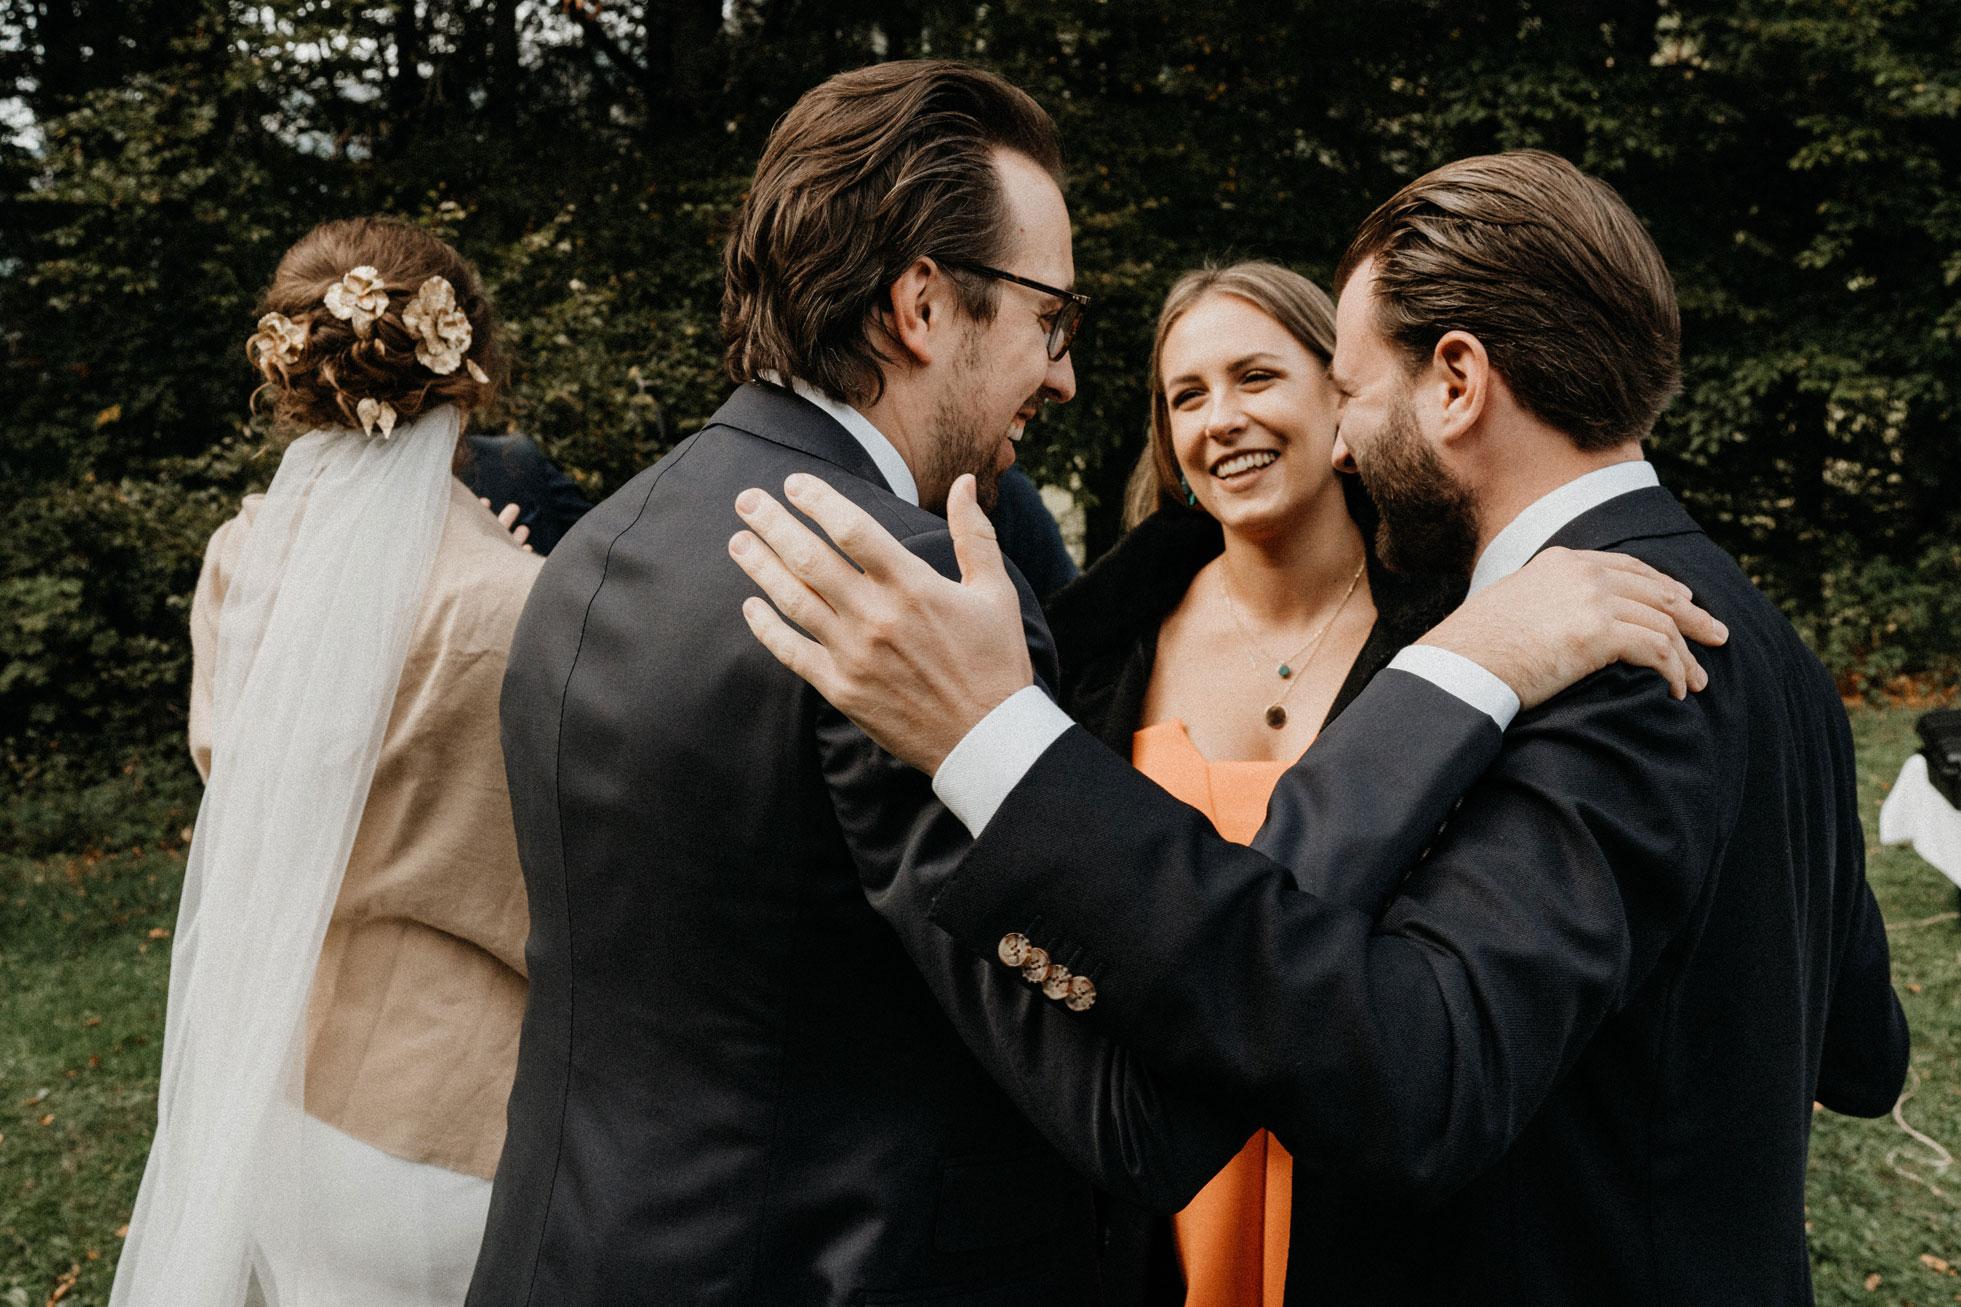 Hochzeit_Claire_Manuel_Villa_Maund_Daniel_Jenny-312.jpg